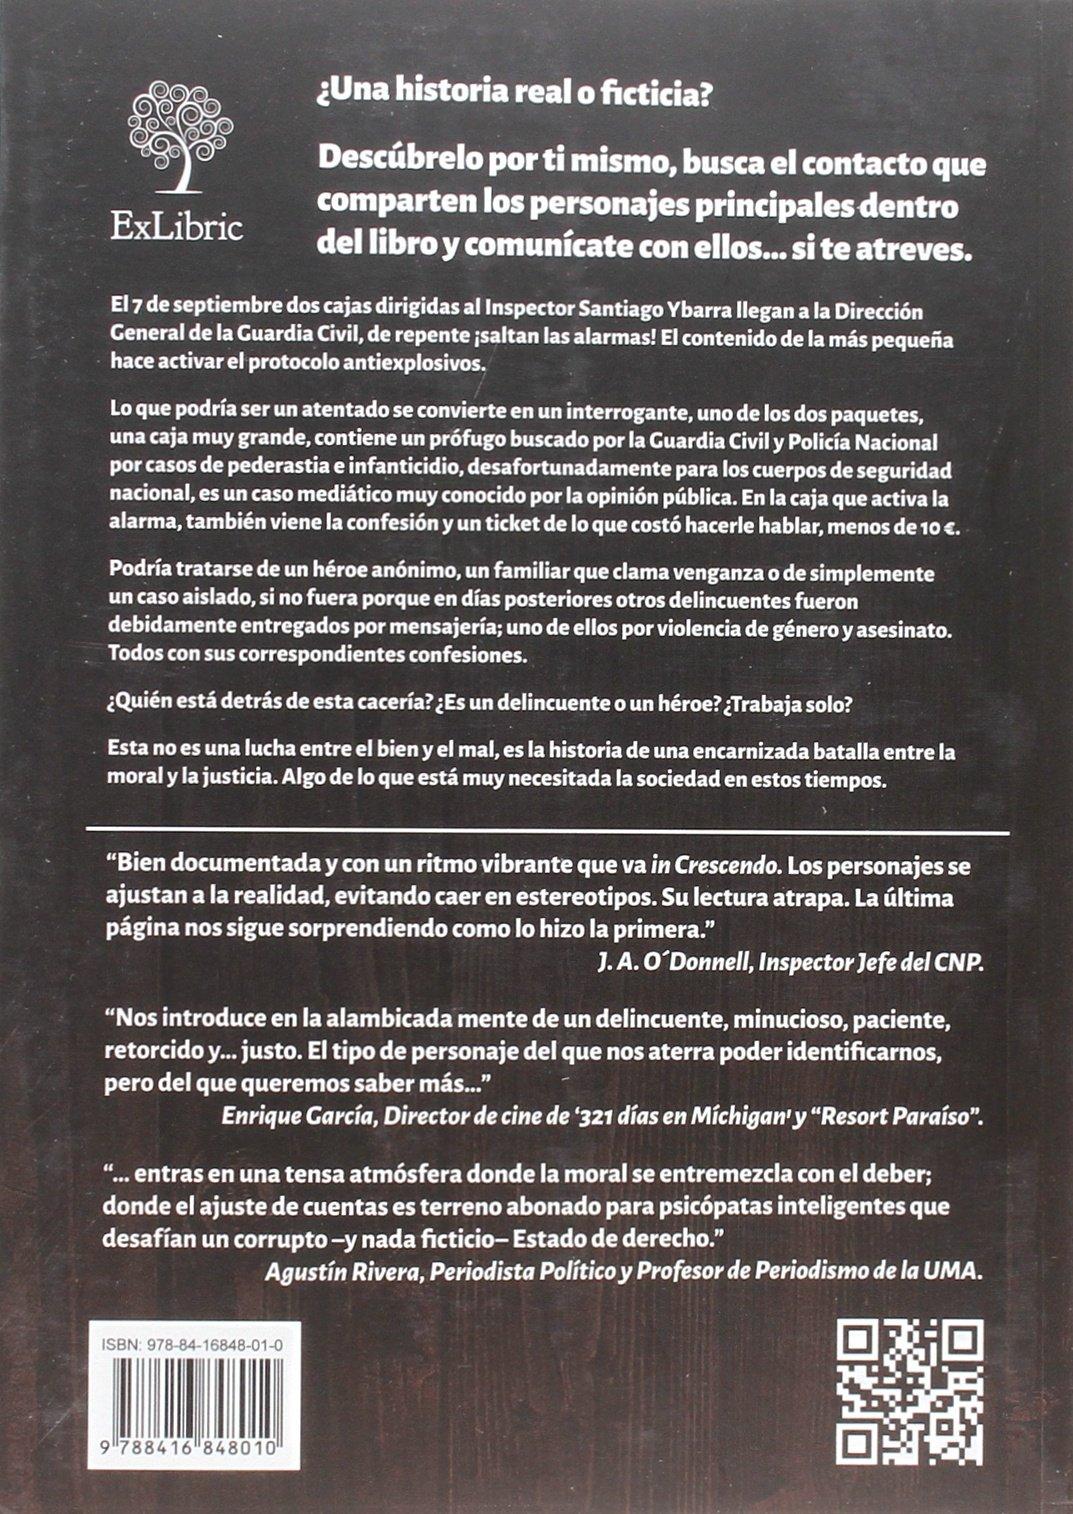 Amazon.com: Confesor (9788416848010): José Alberto Callejo ...